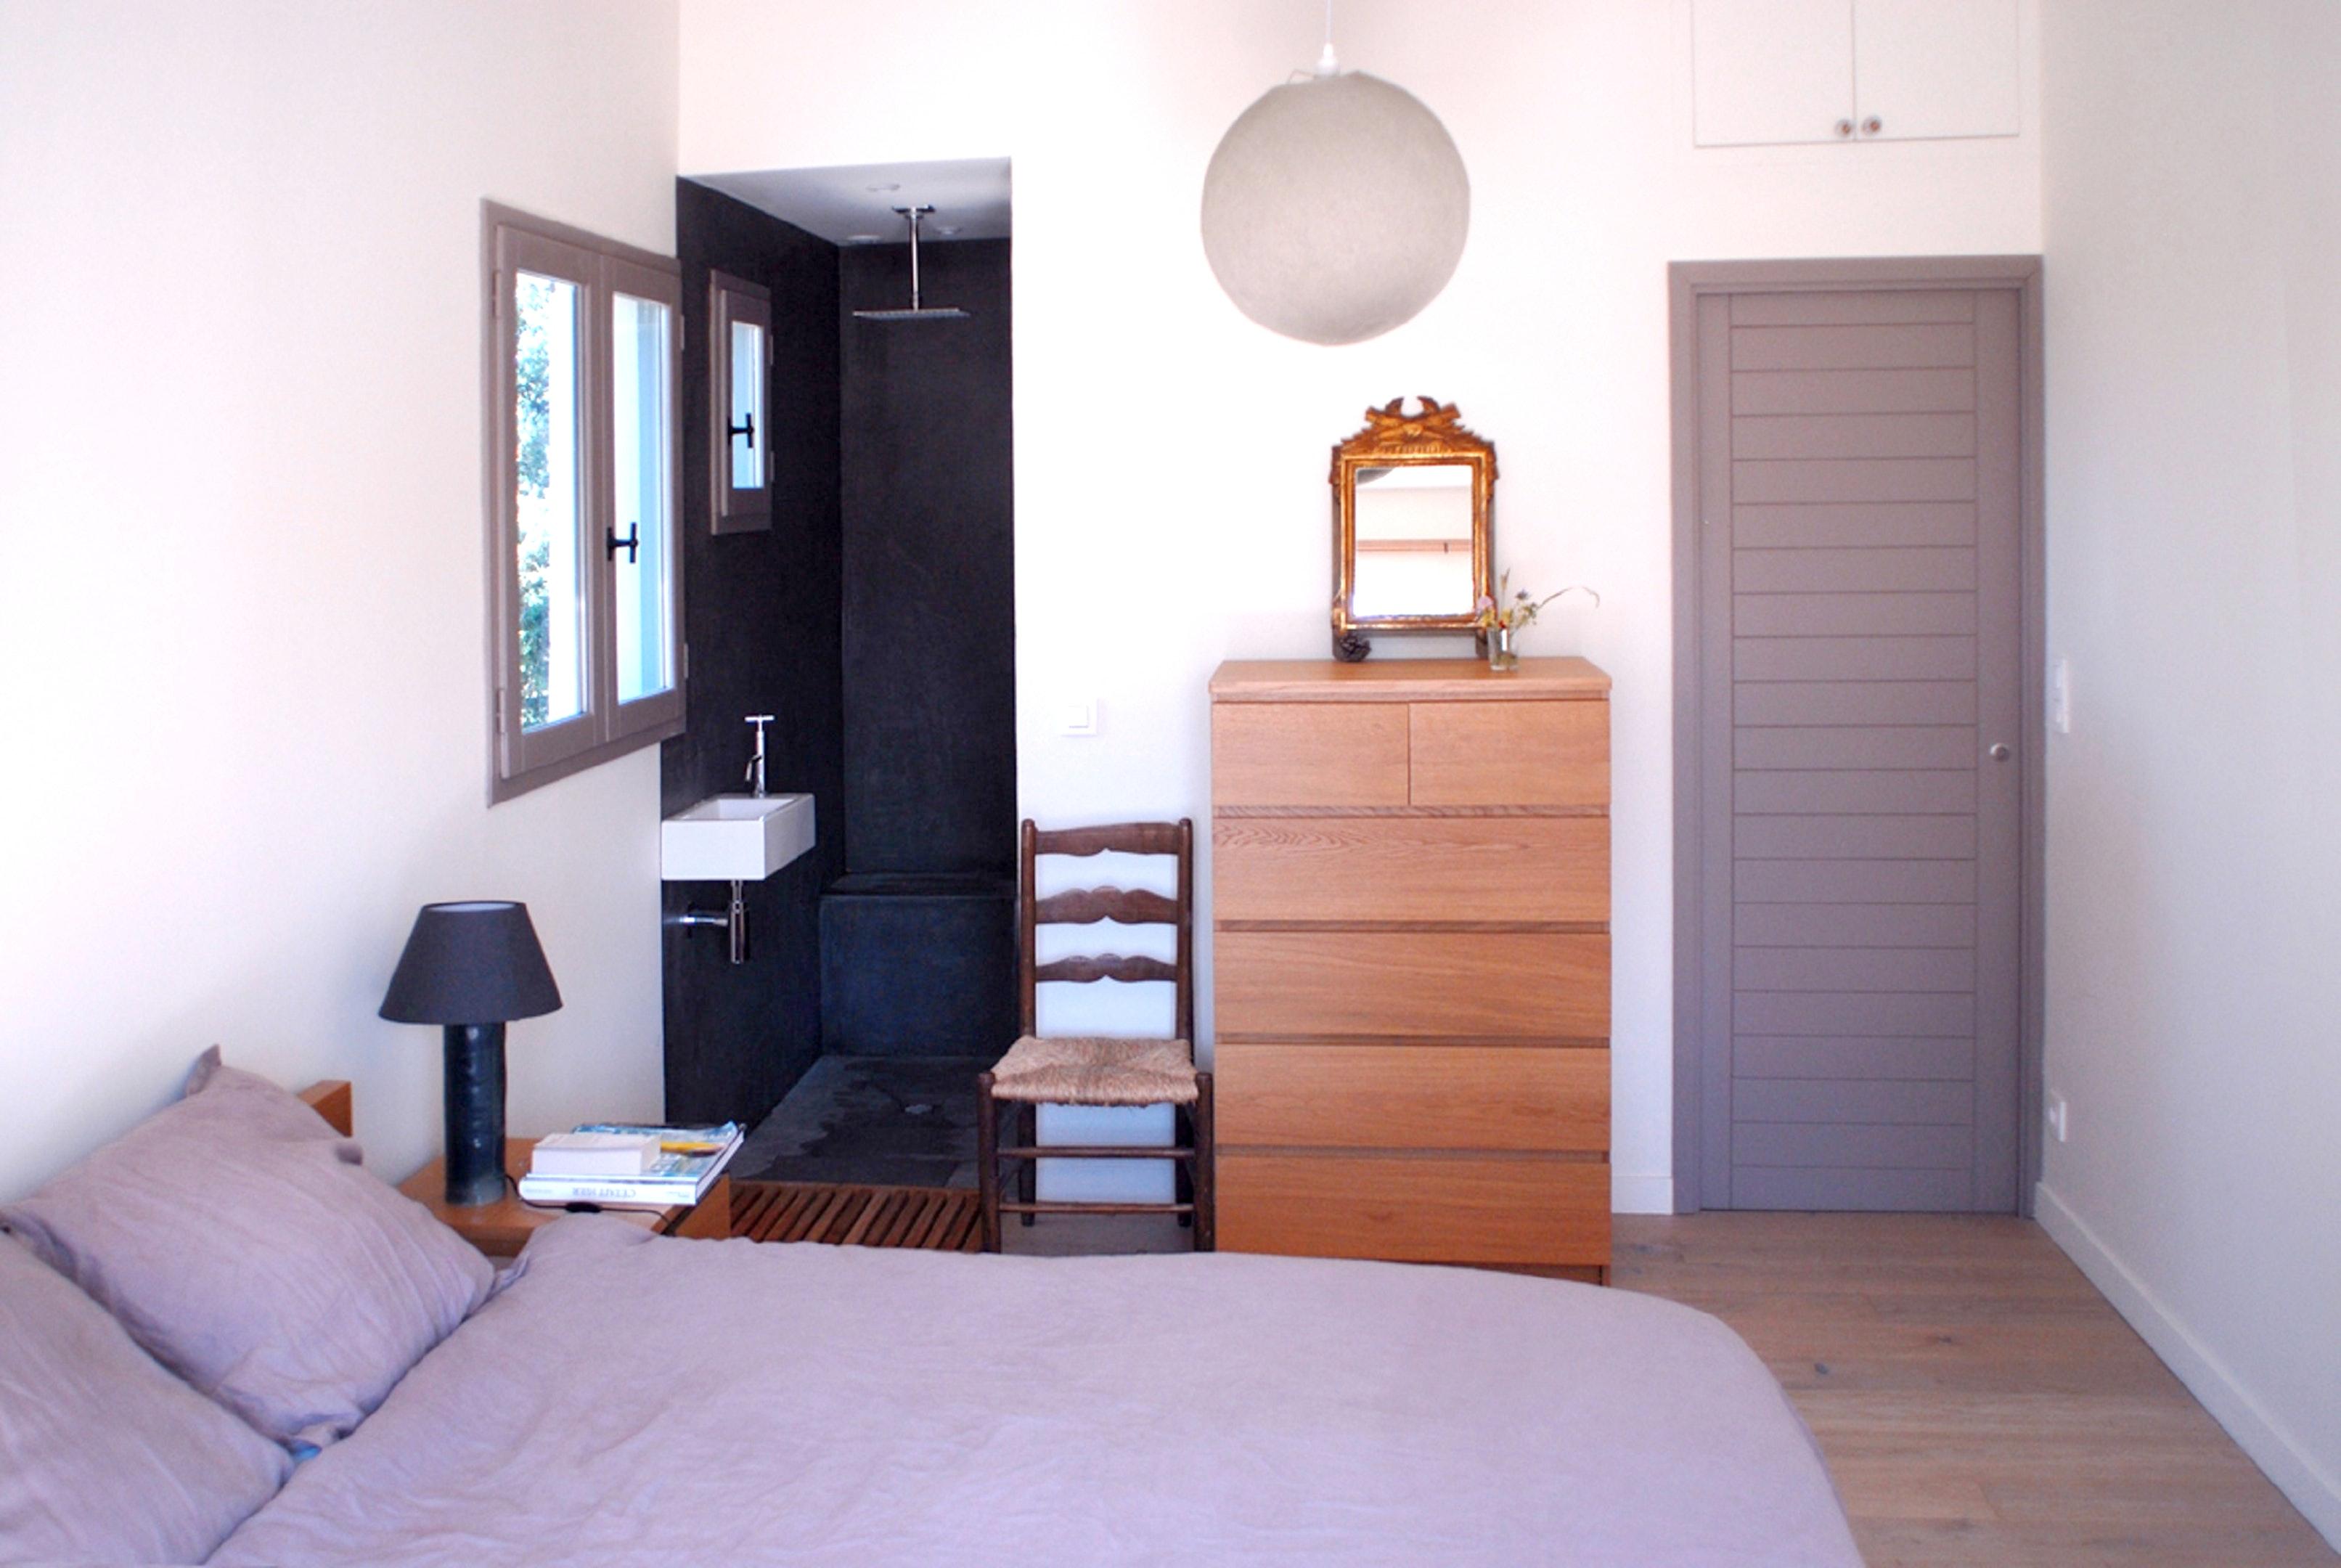 Maison de vacances Villa mit 5 Schlafzimmern in L'Isle-sur-la-Sorgue mit privatem Pool, eingezäuntem Garten u (2202725), L'Isle sur la Sorgue, Vaucluse, Provence - Alpes - Côte d'Azur, France, image 7